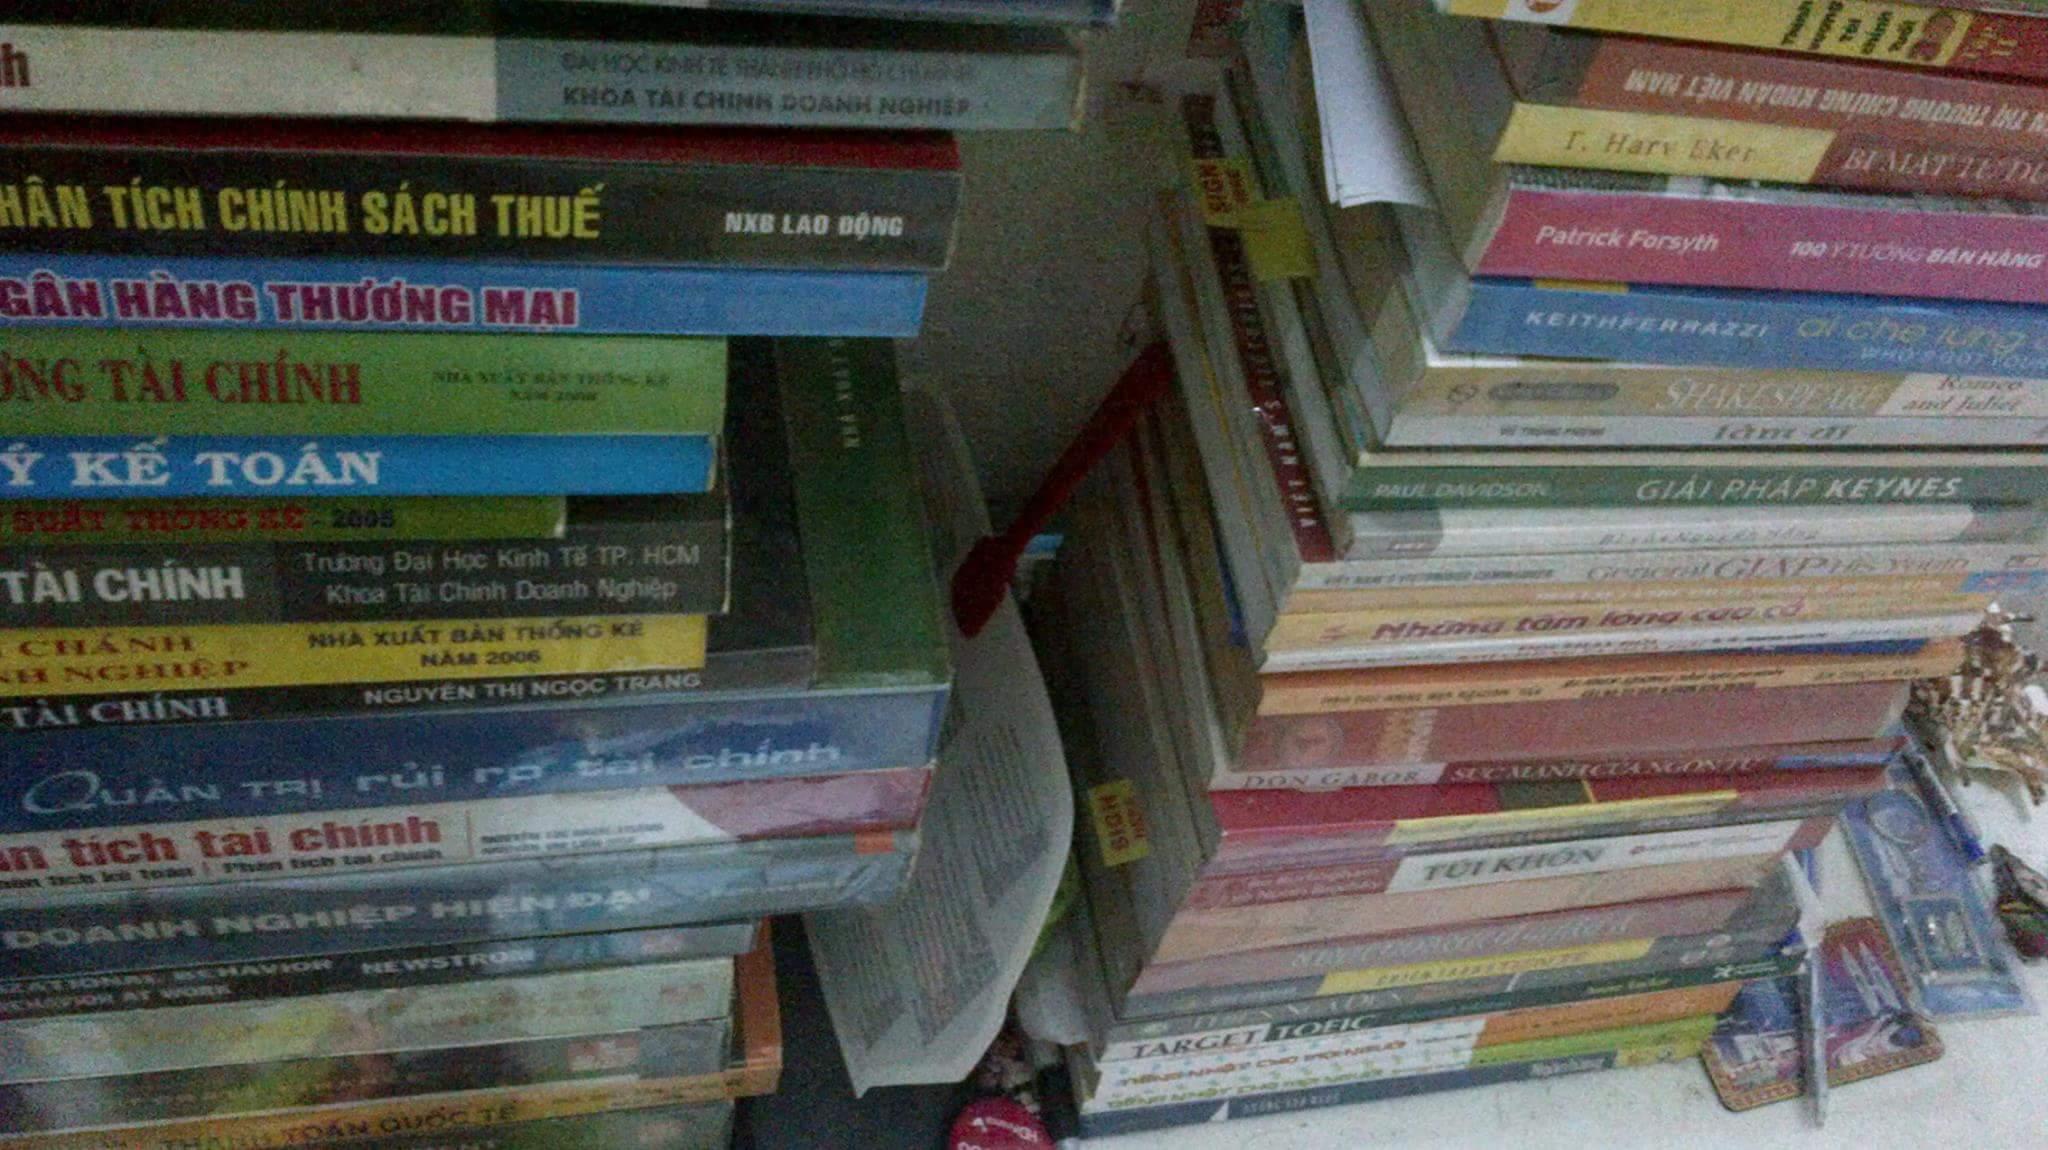 Tiền- Ad không có :( Tình- Ad cũng không có :( Nhưng Sách thì...không thiếu :D  Nếu được hỏi...